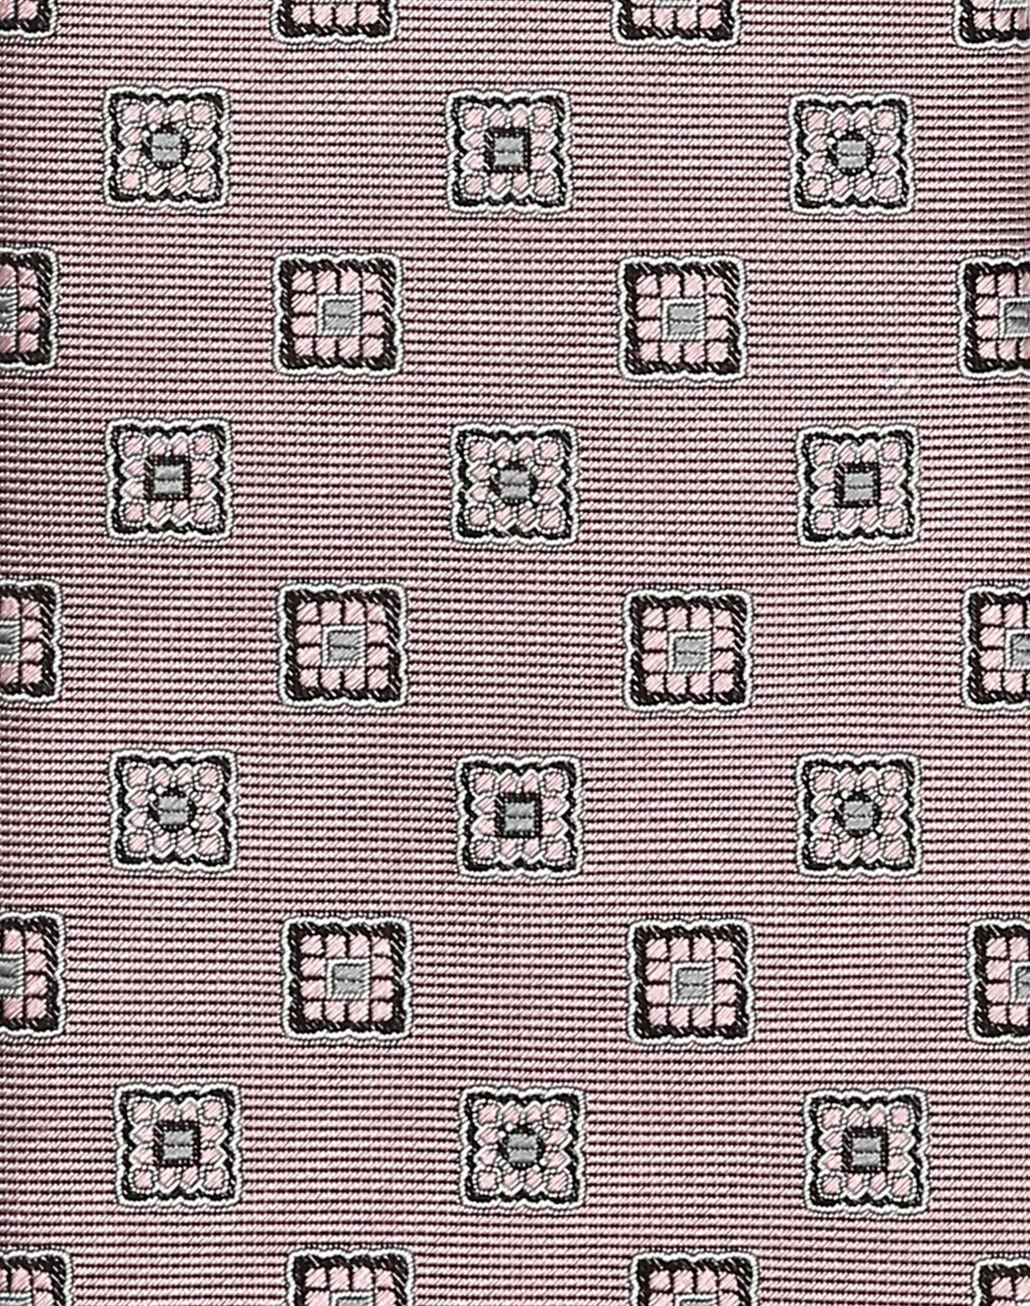 BRIONI Pink Macro-Design Tie Tie Man d